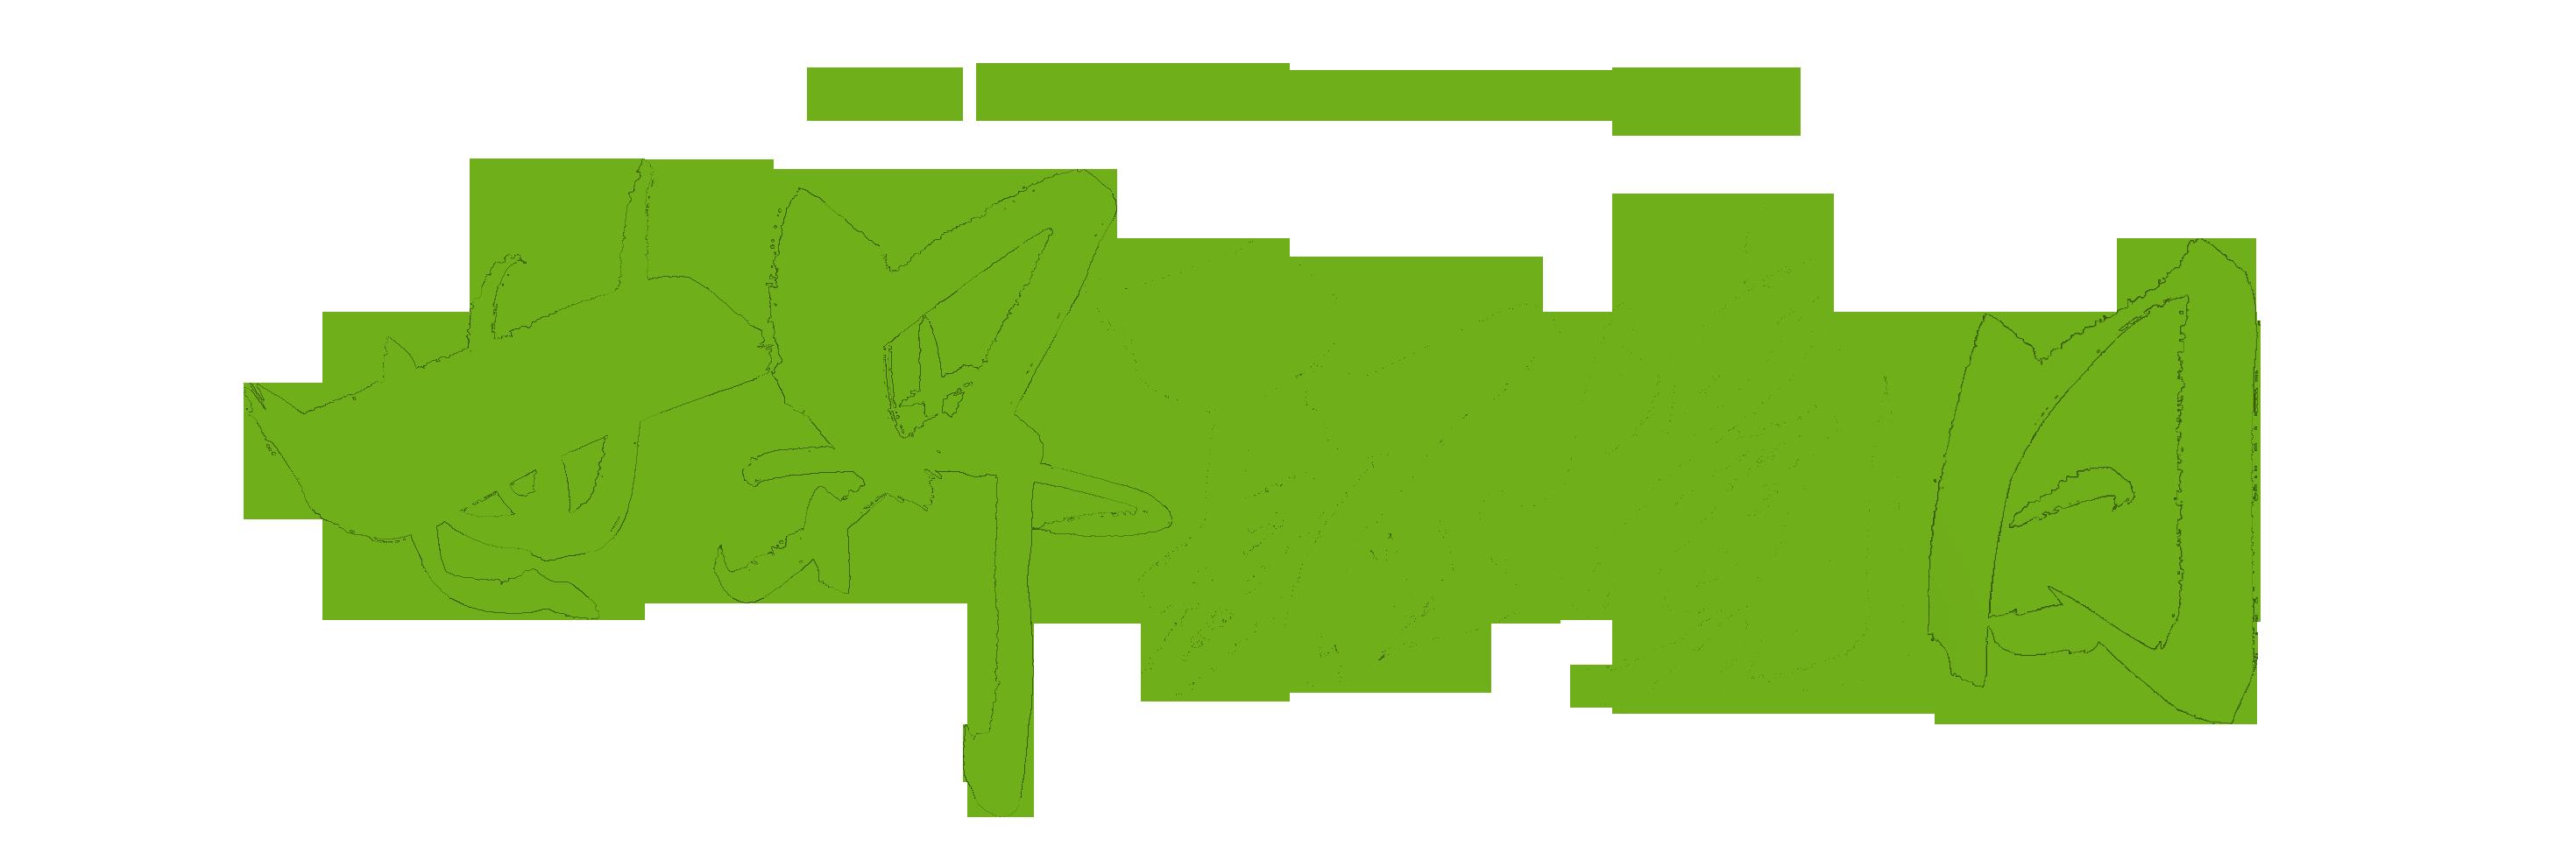 鵬達環保1|踐行綠色發展 守護碧水藍天